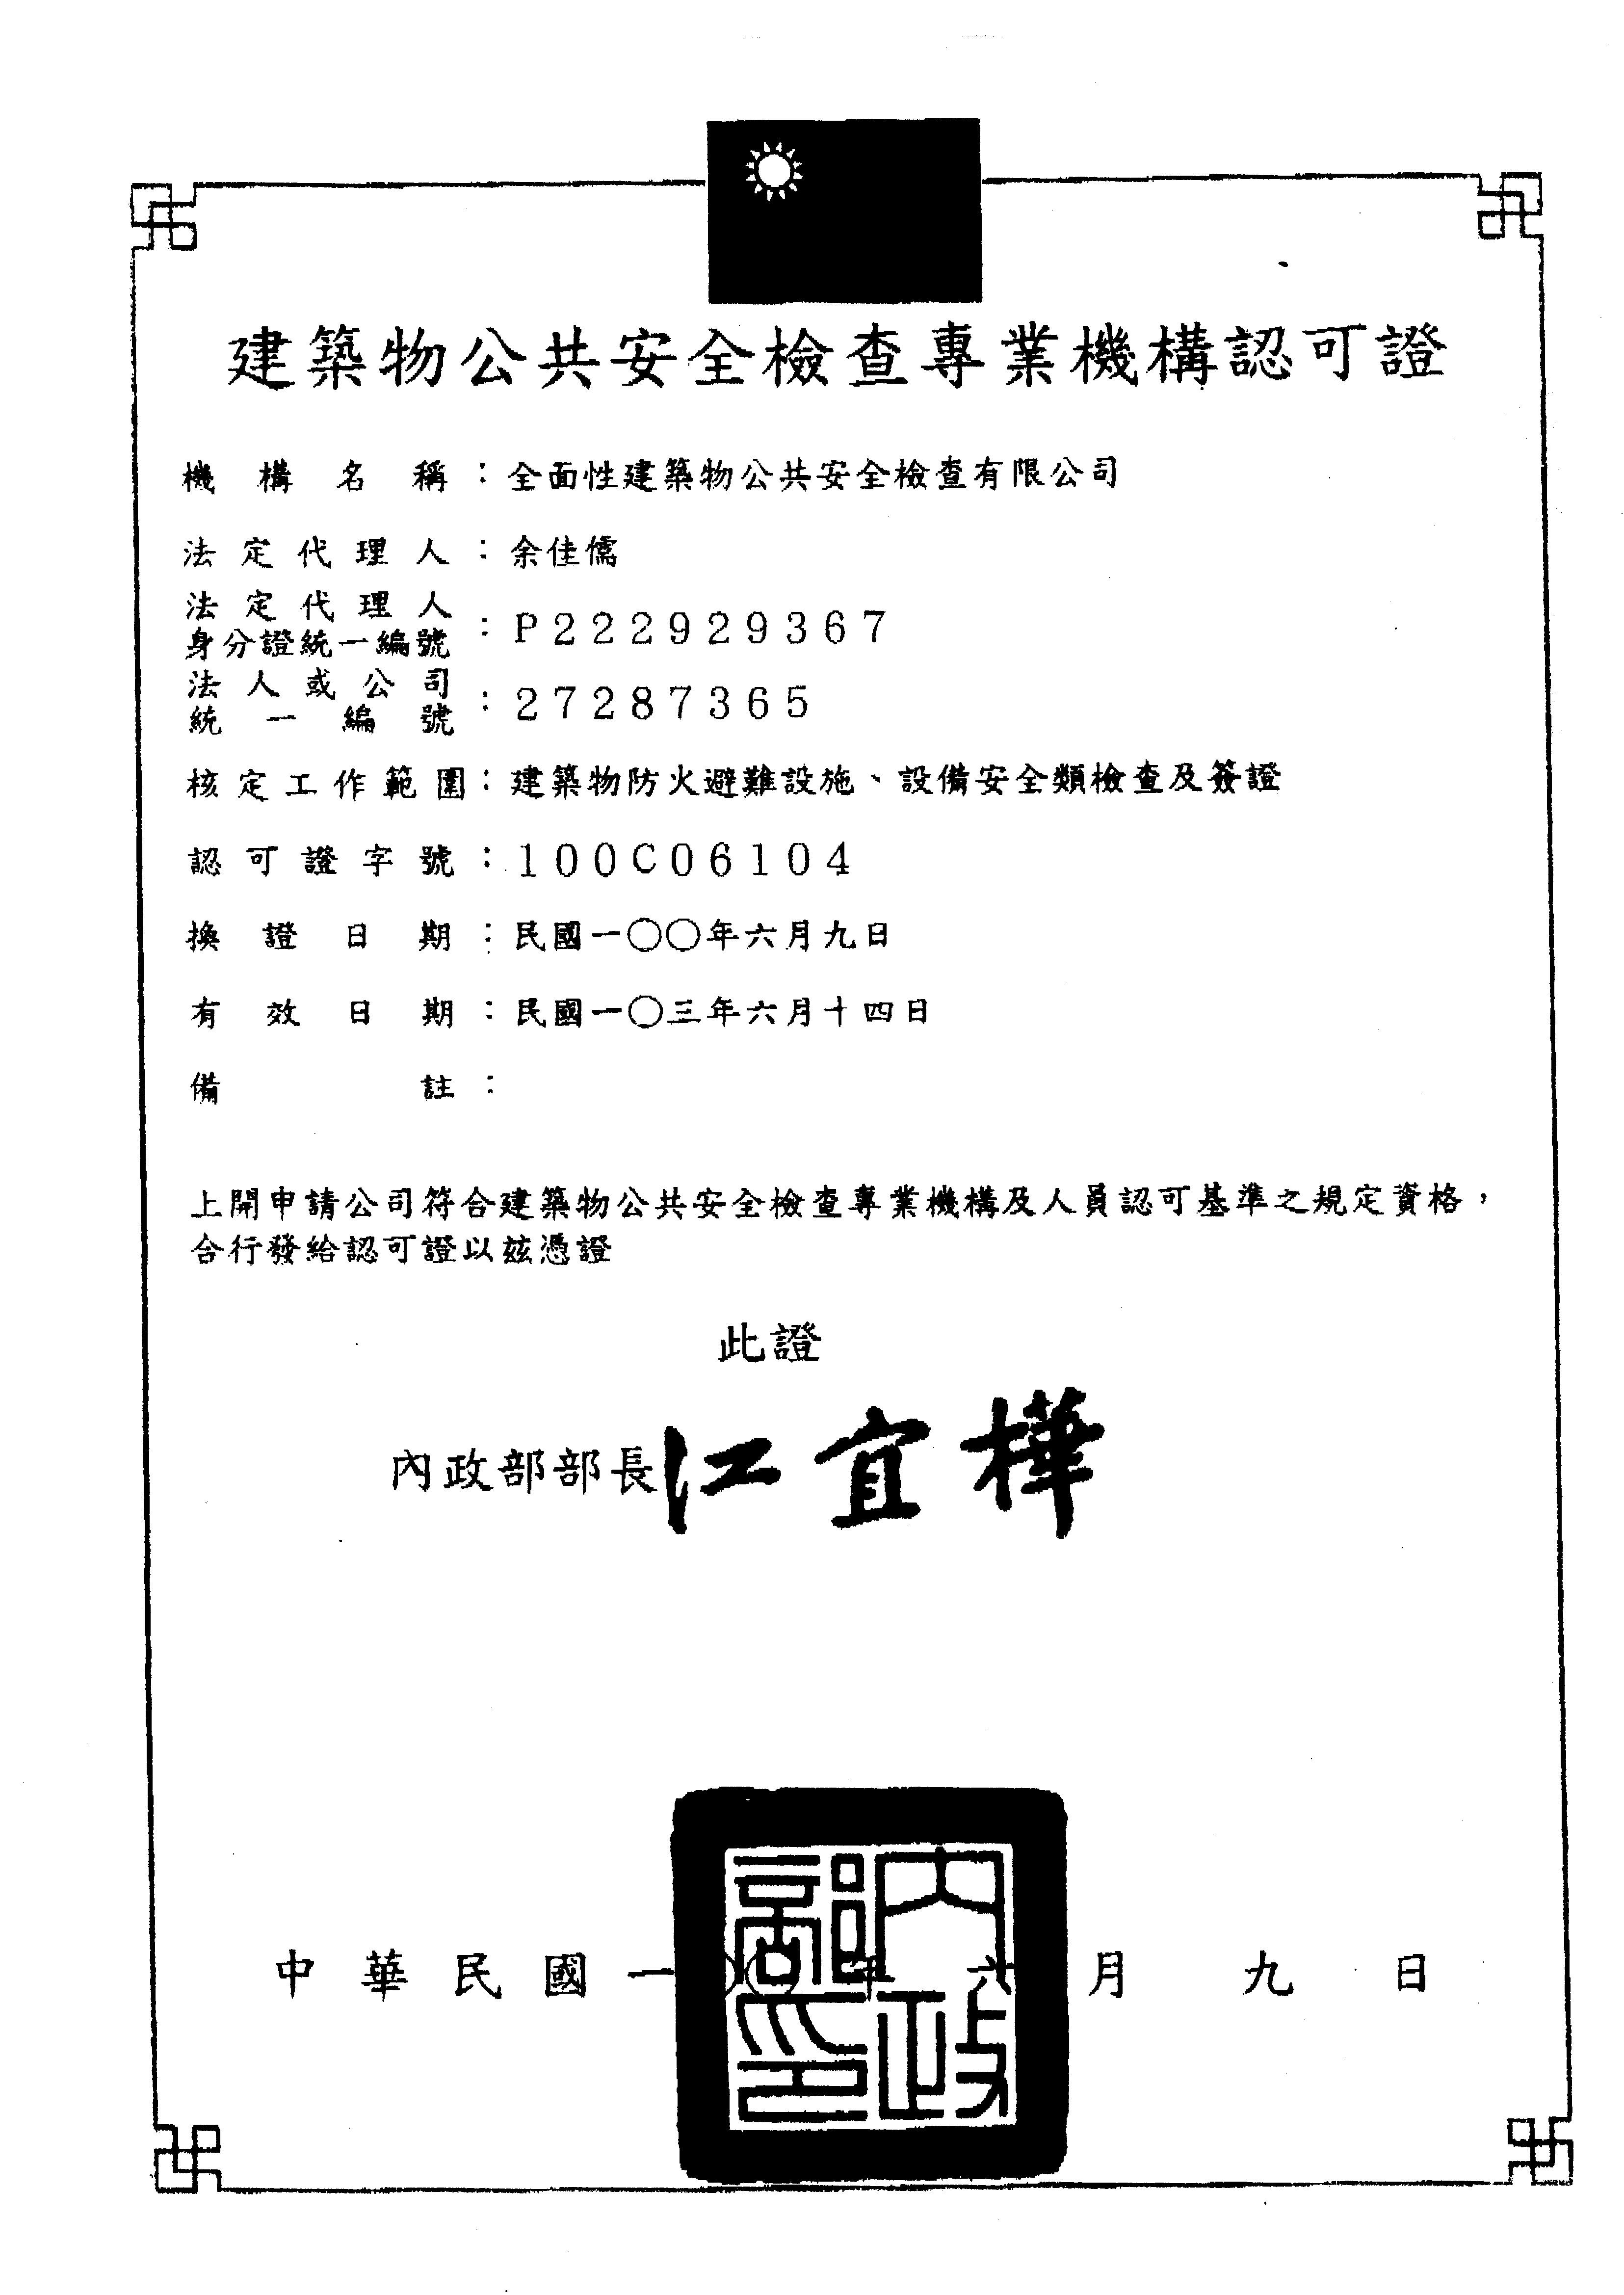 消防绘图-会勘-建筑物公共安全检查签证